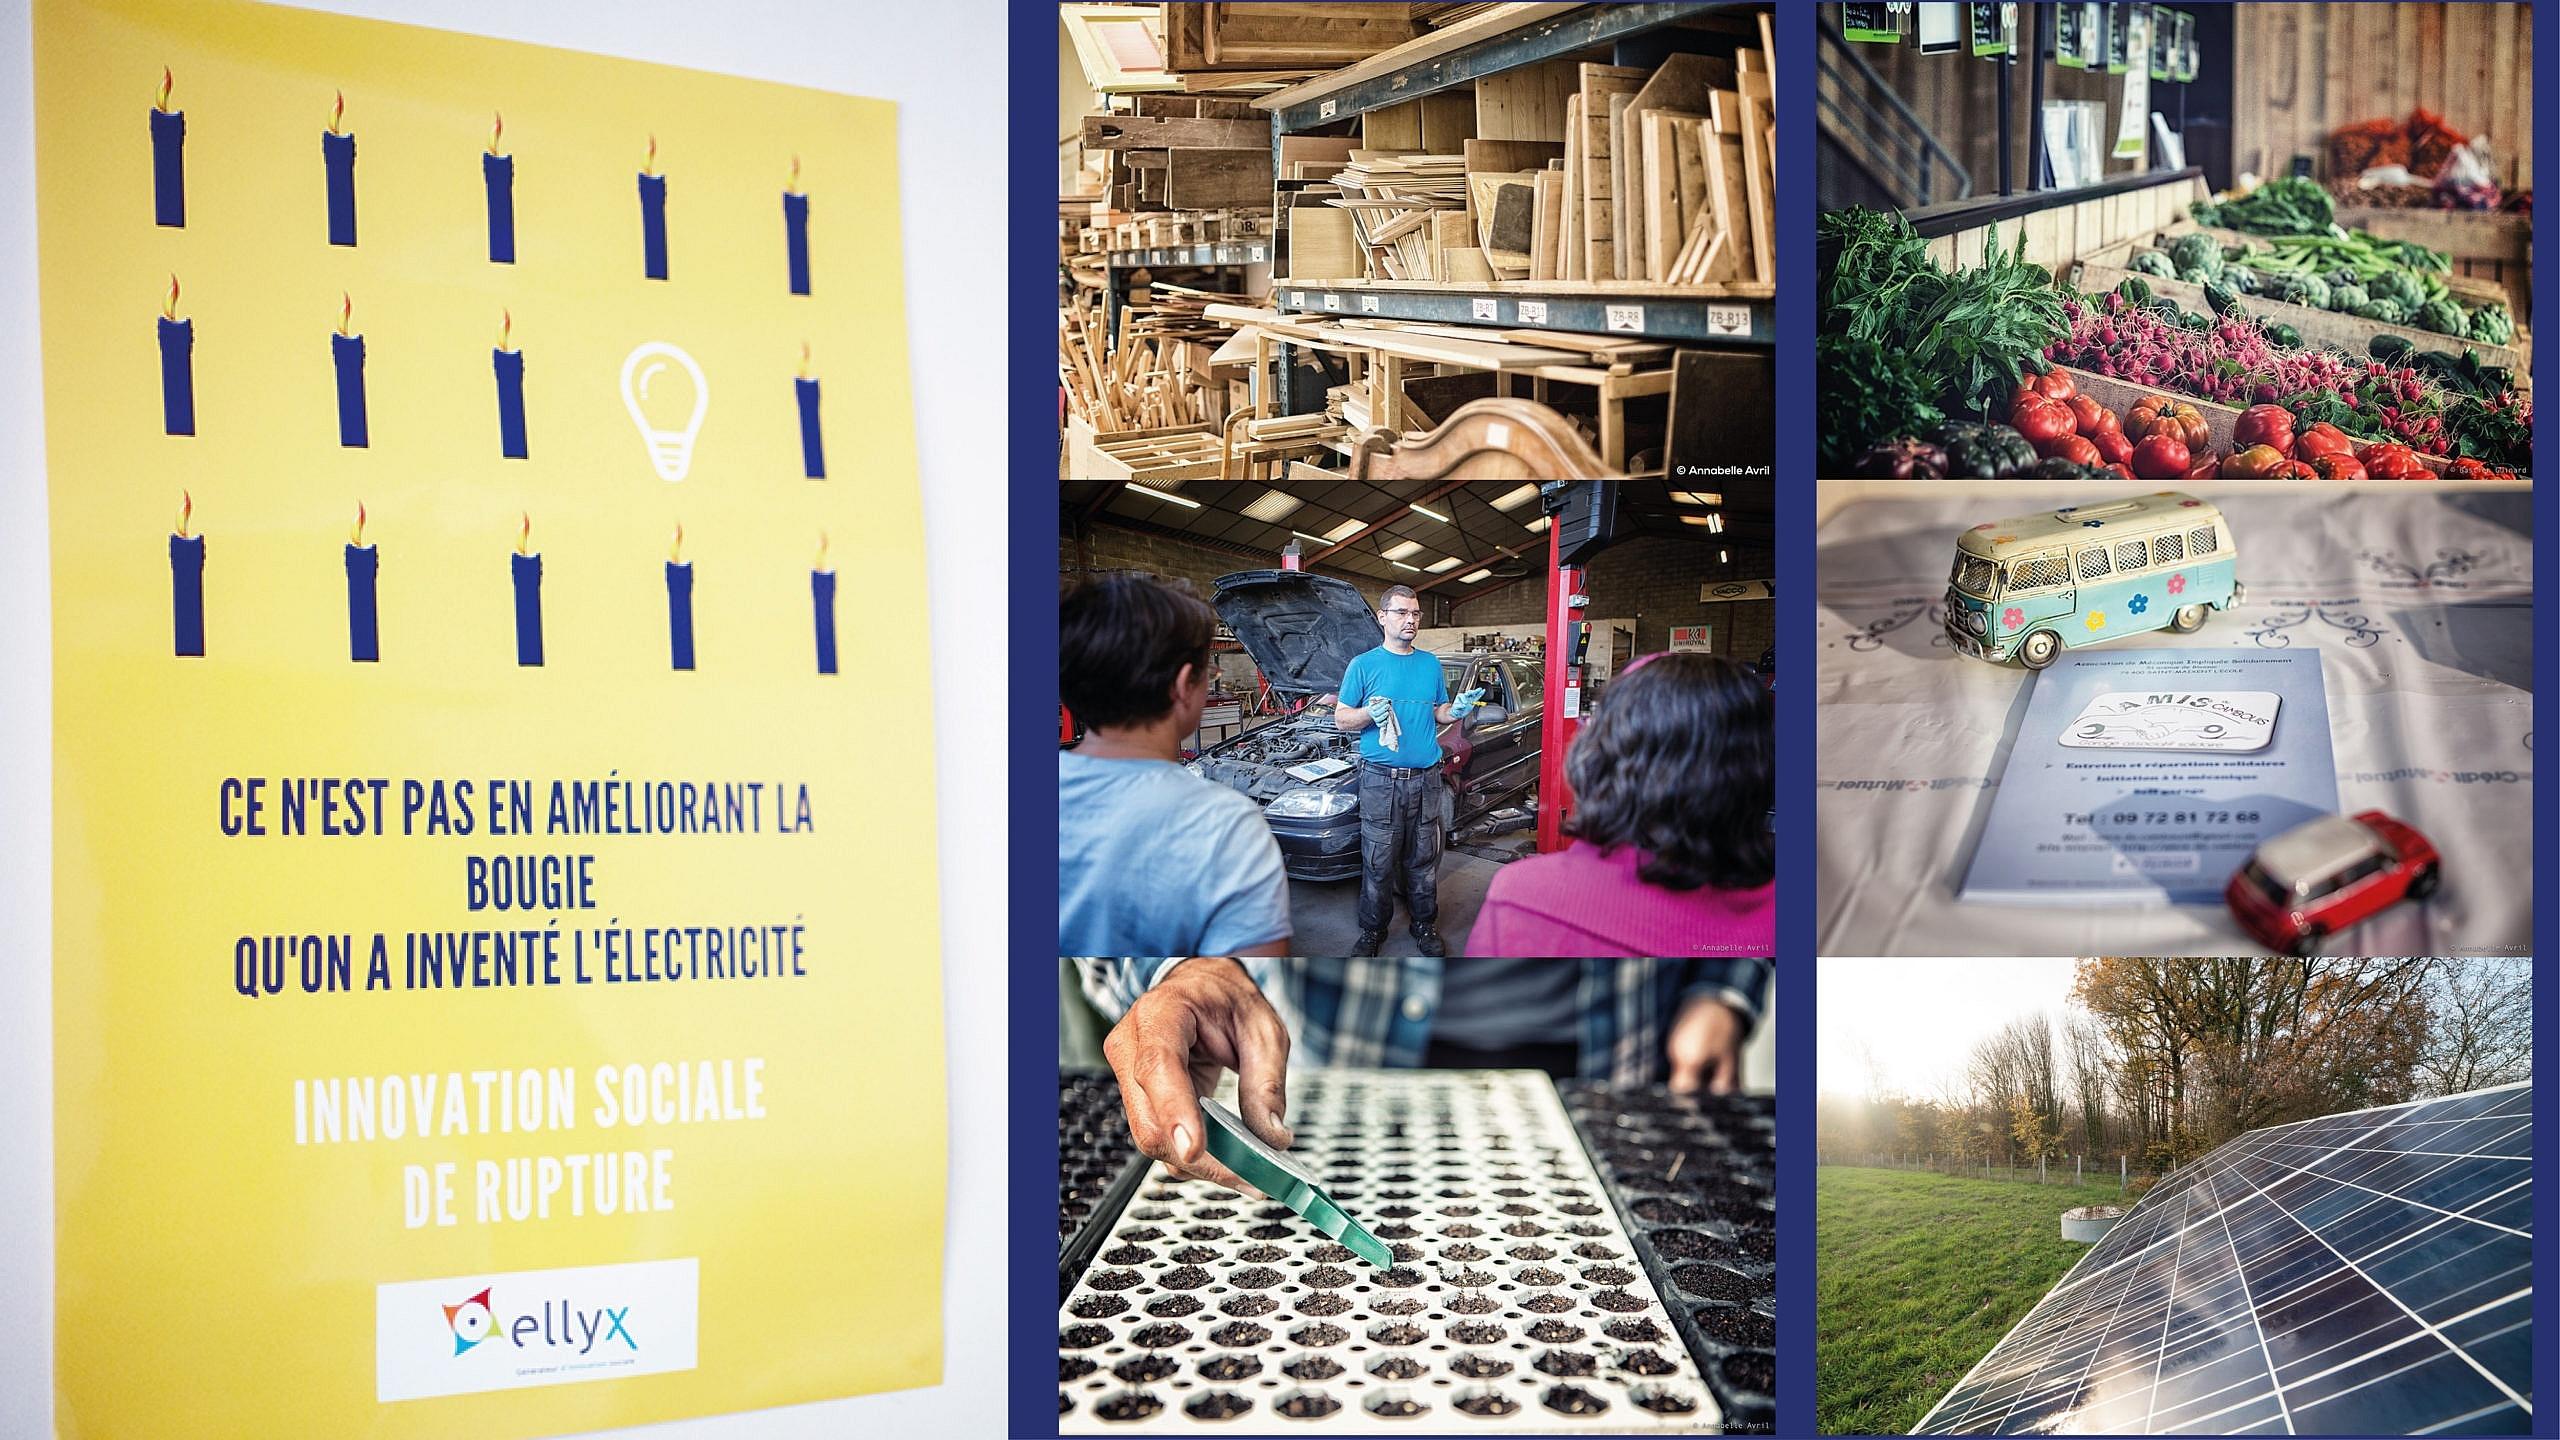 DESTINS : premier Laboratoire Commun français dédié à l'innovation sociale